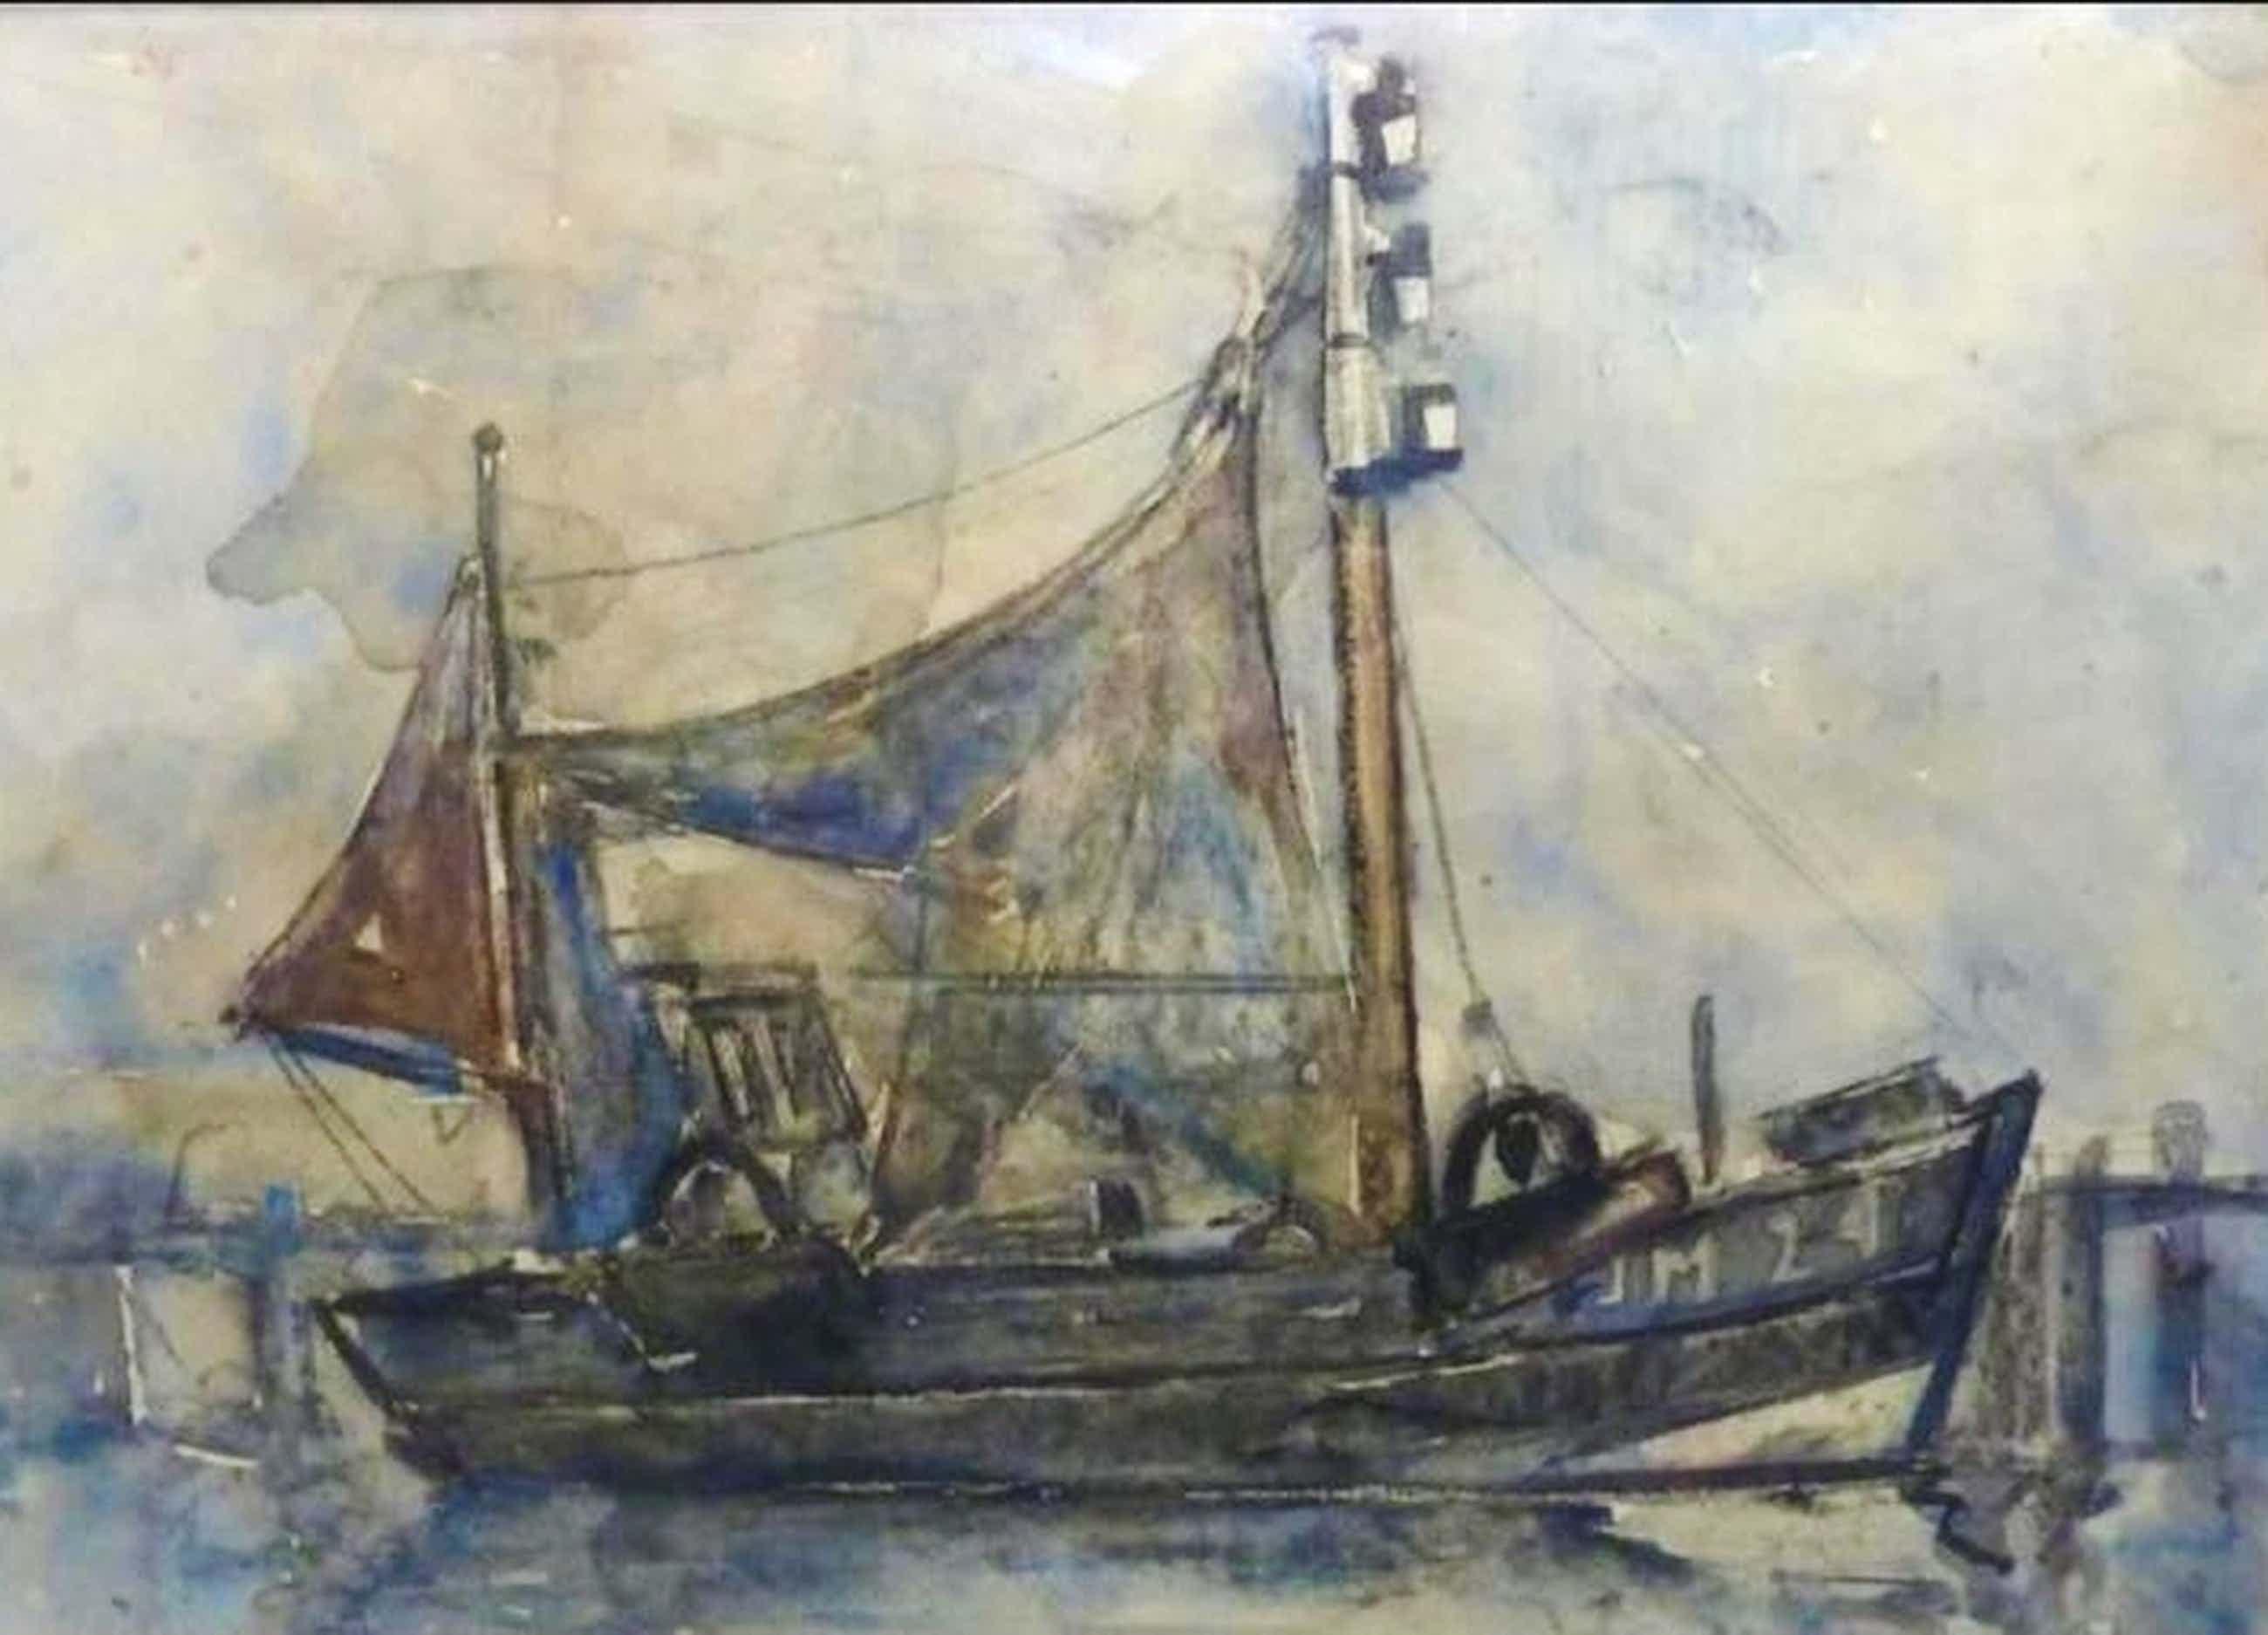 FRANS VERPOORTEN aquarel vissersboot IJM 24 (IJmuiden) (Heyboer) kopen? Bied vanaf 45!